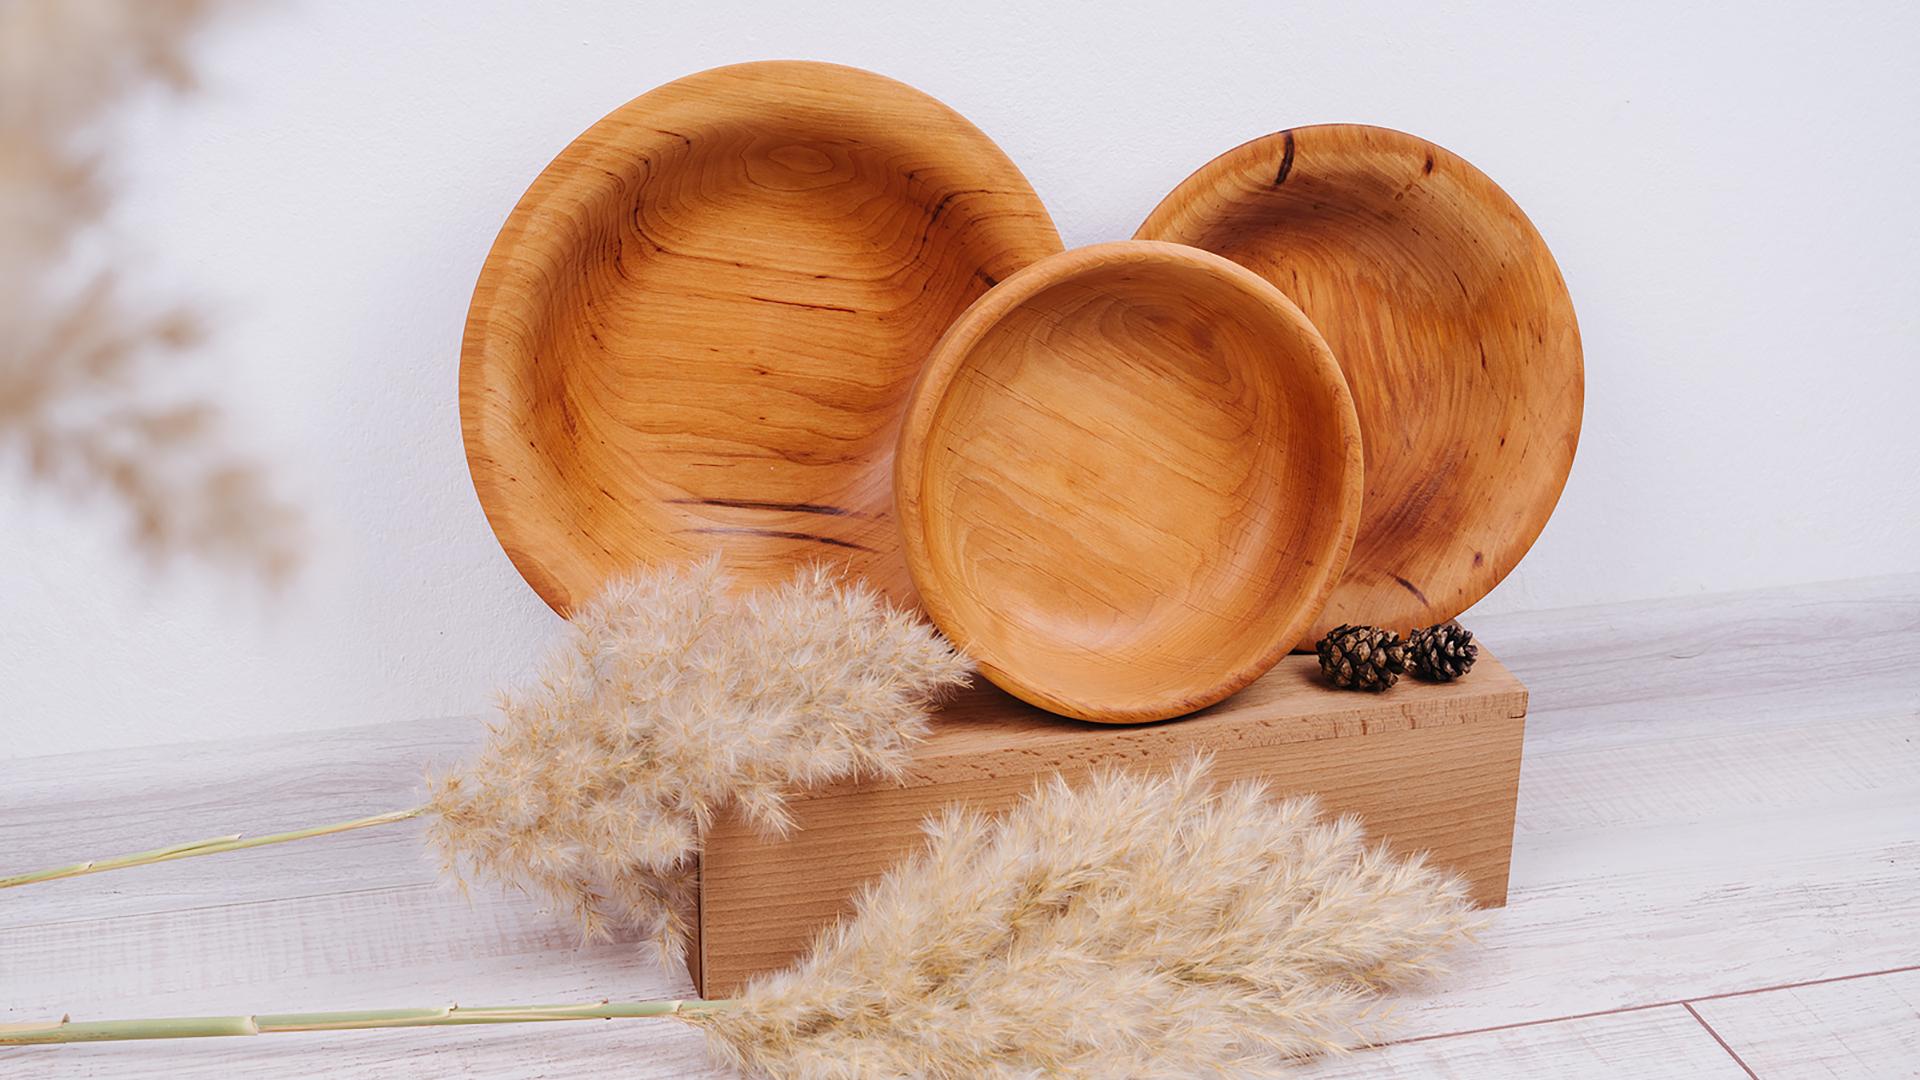 Depois de serem revestimento de parede e pisos ou móveis, as madeiras podem ser recicladas e transformadas em outros objetos, como utensílios de cozinha